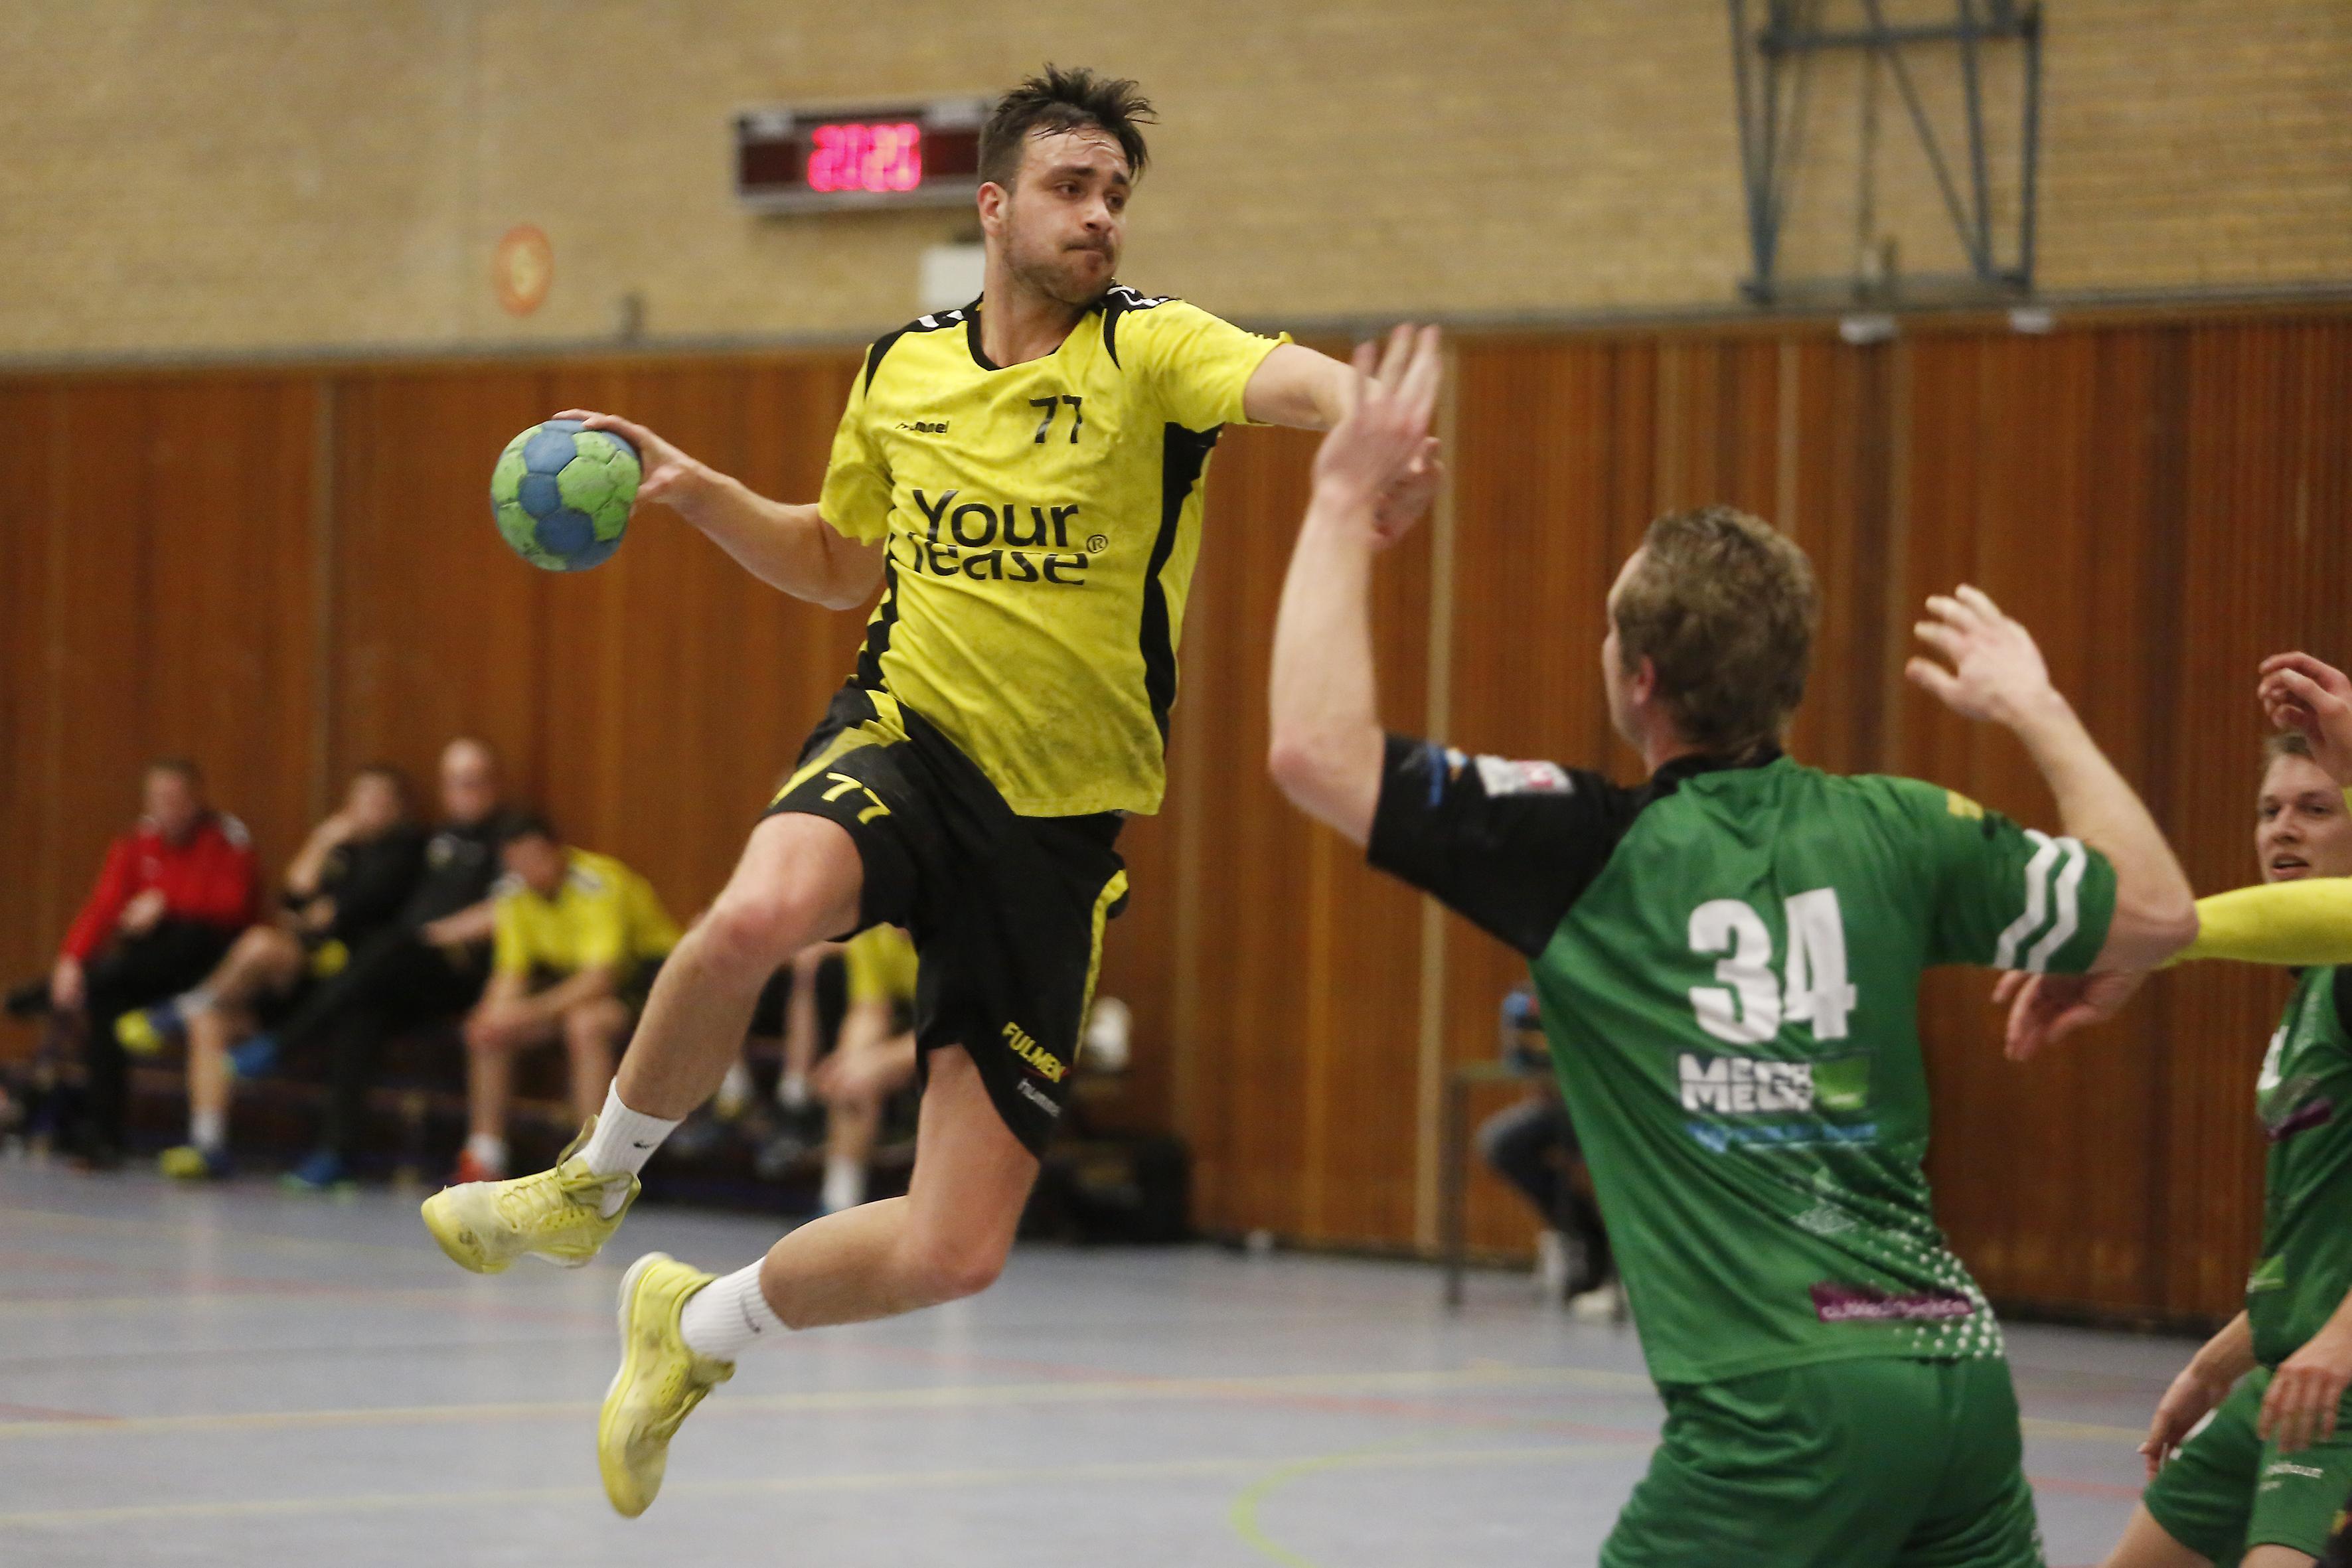 Handballers Eemland gooien ondanks theoretische kans handdoek na zoveelste 'exemplarische nederlaag'